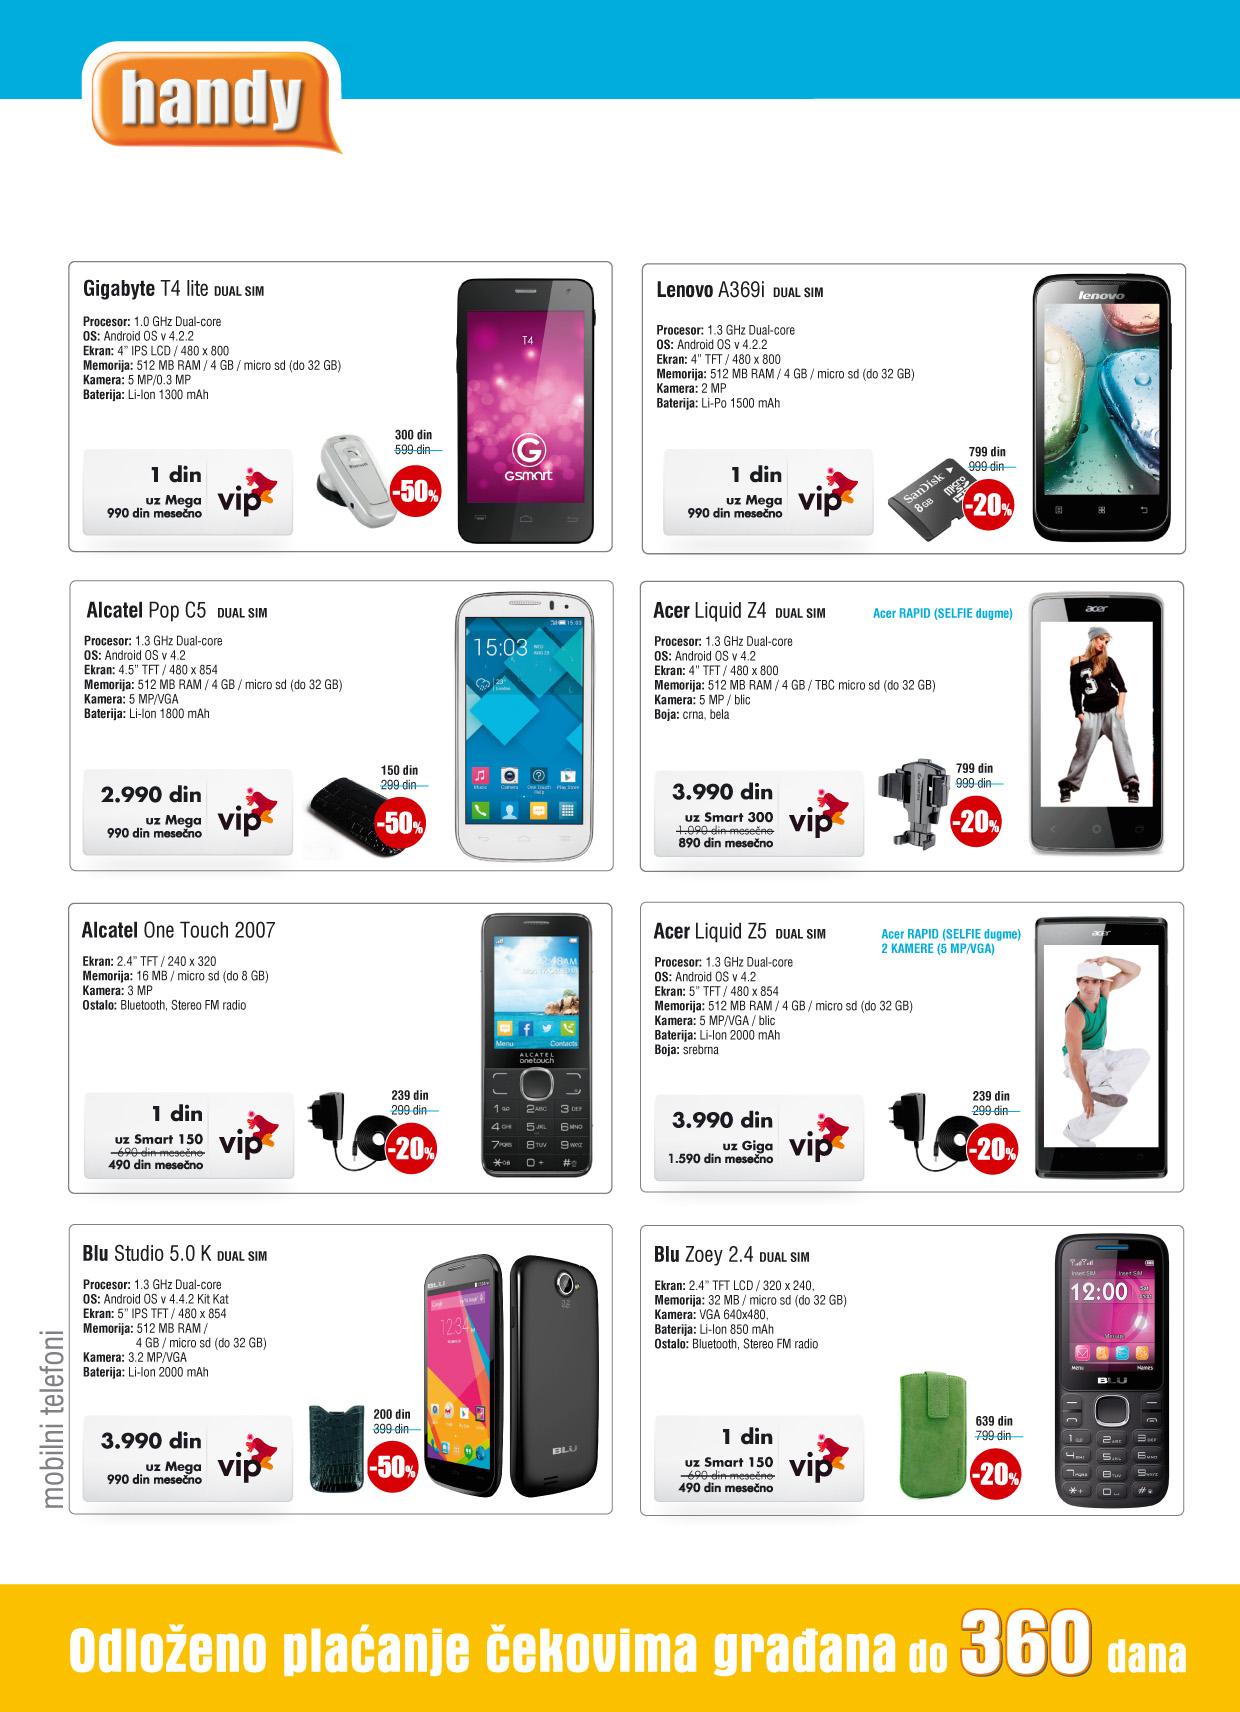 Handy akcija novembarske ponude